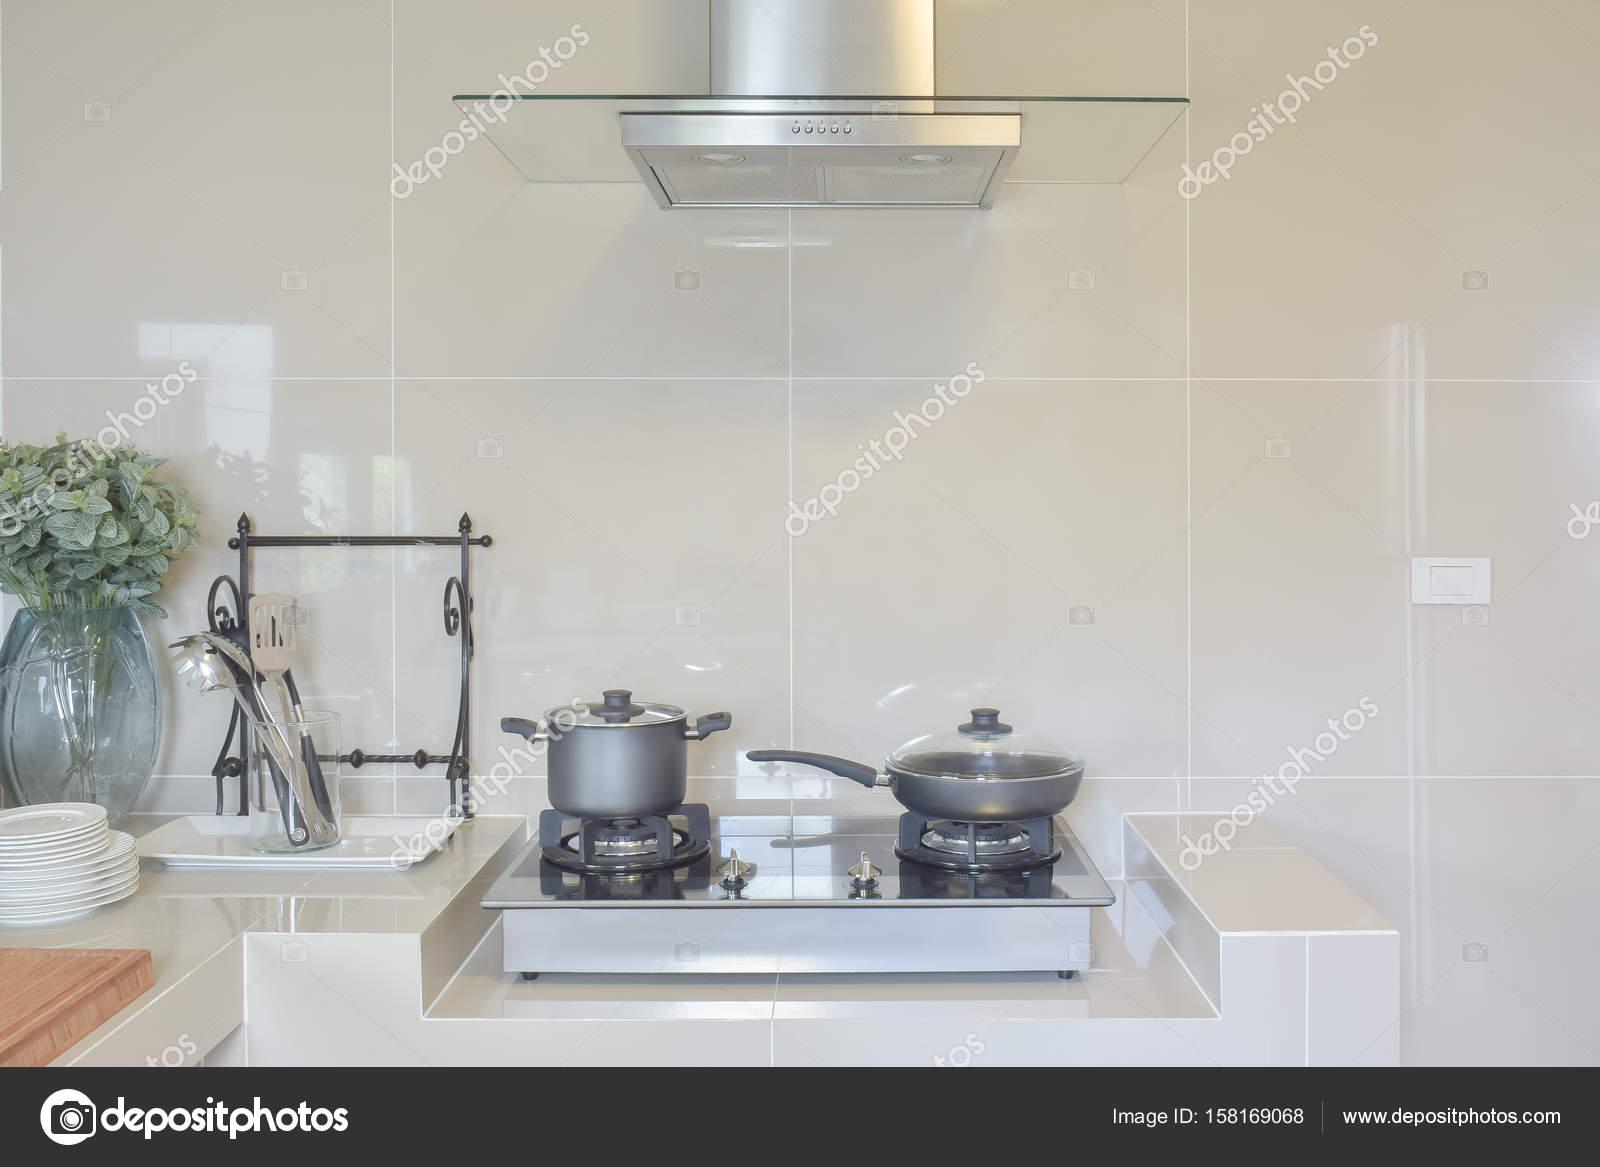 Edelstahl Pfanne auf Gasherd mit Utensilien in modernen Küche ...